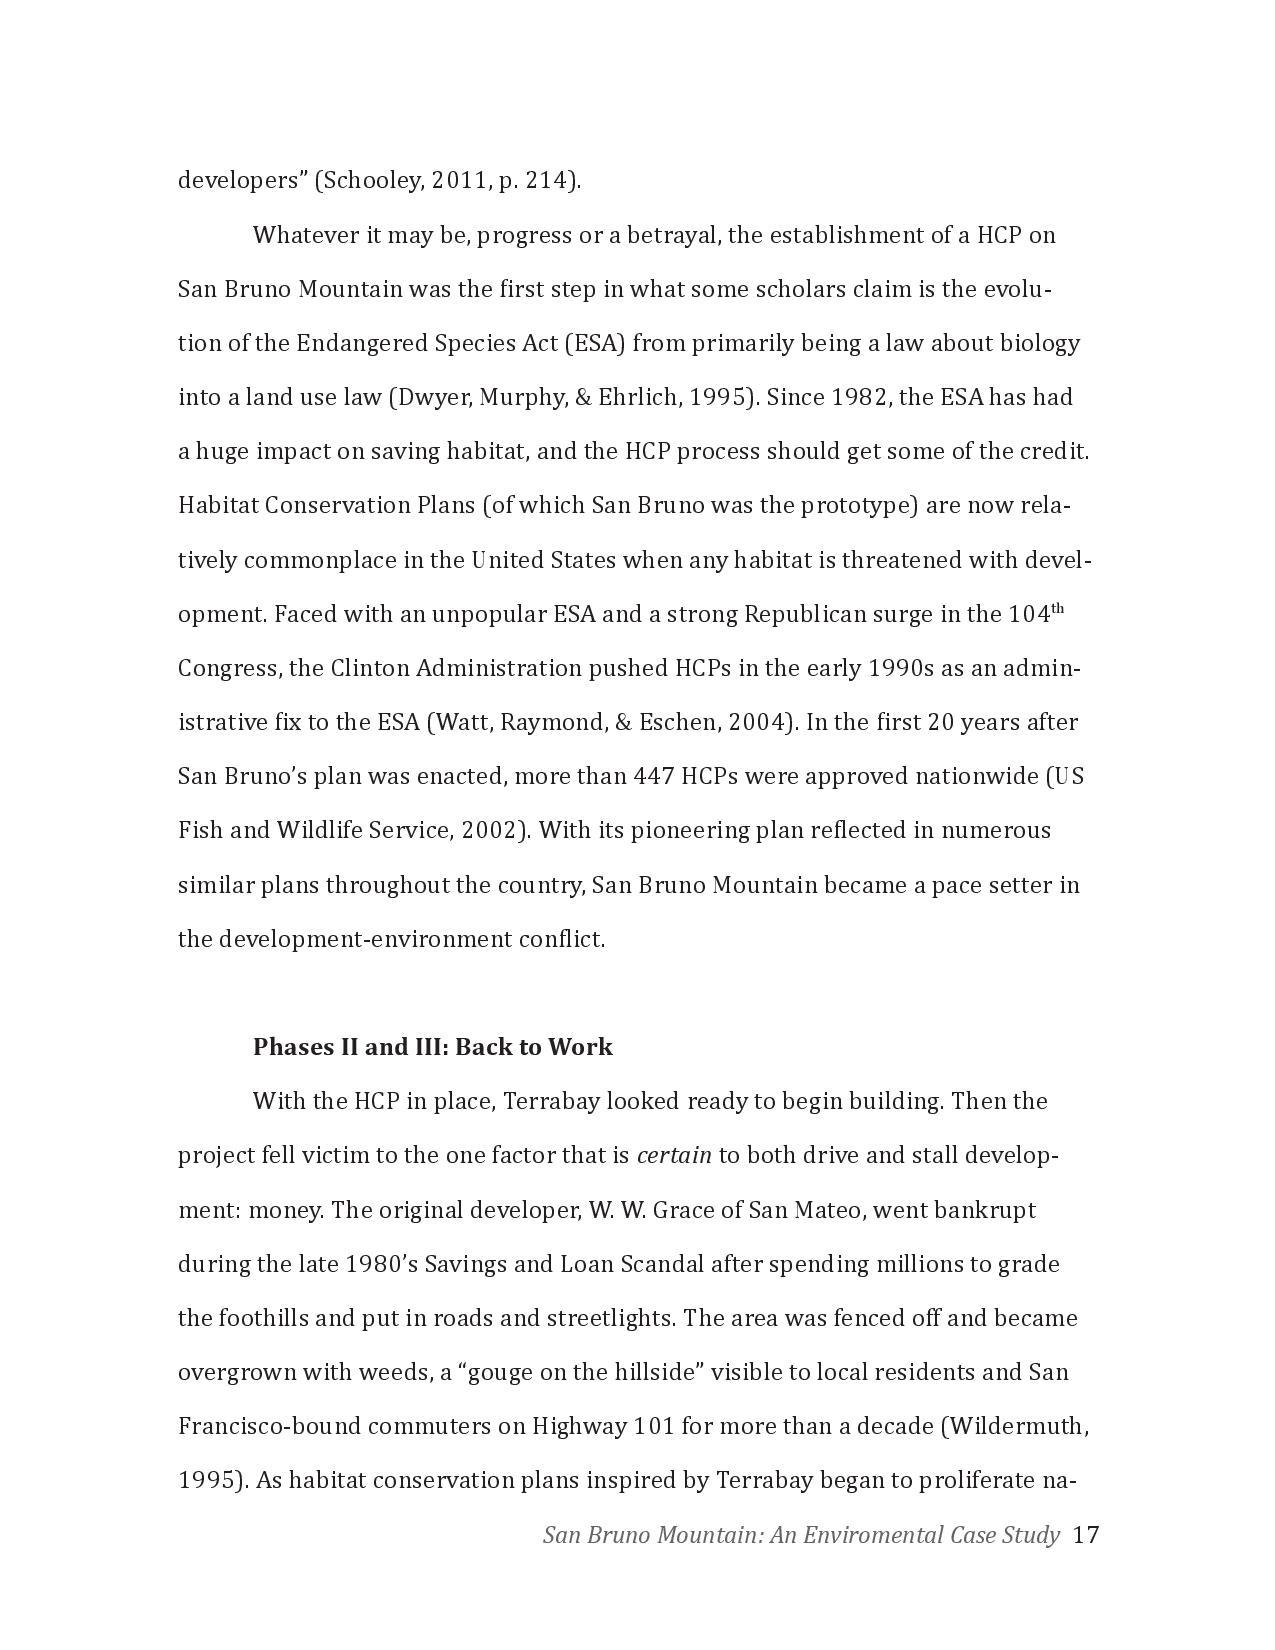 SBM An Environmental Case Study J Baker-page-017